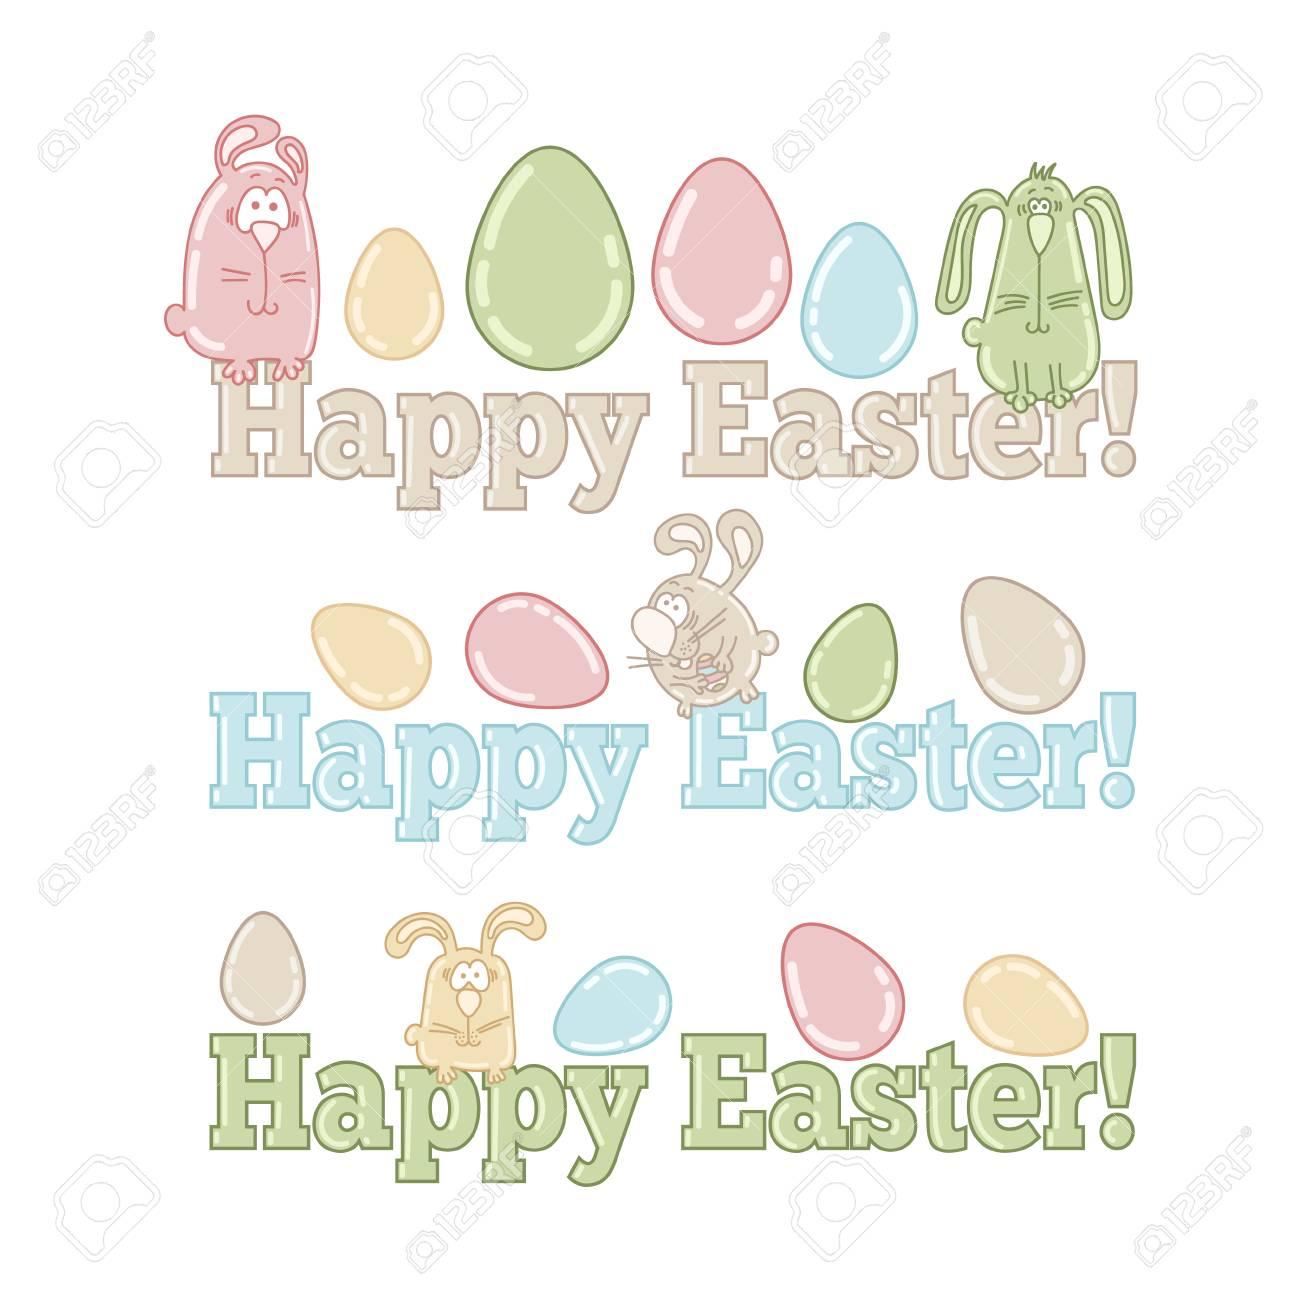 Wörter Frohe Ostern Mit Niedlichen Ostereier Und Hasen Lizenzfrei